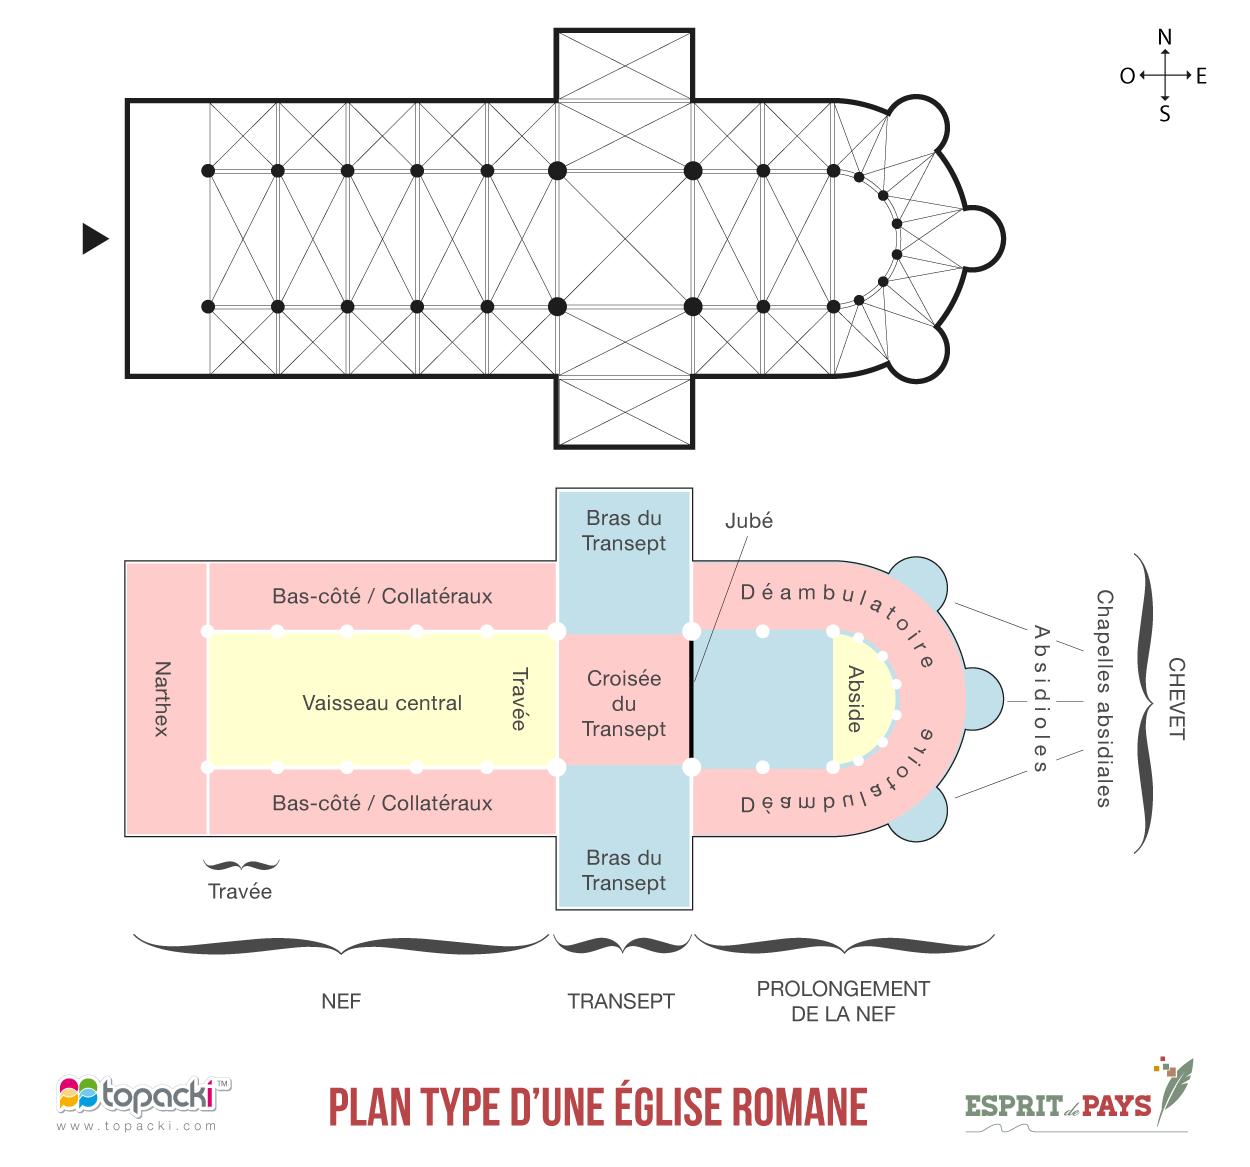 Le plan type d'une église romane et ses différentes parties par l'image